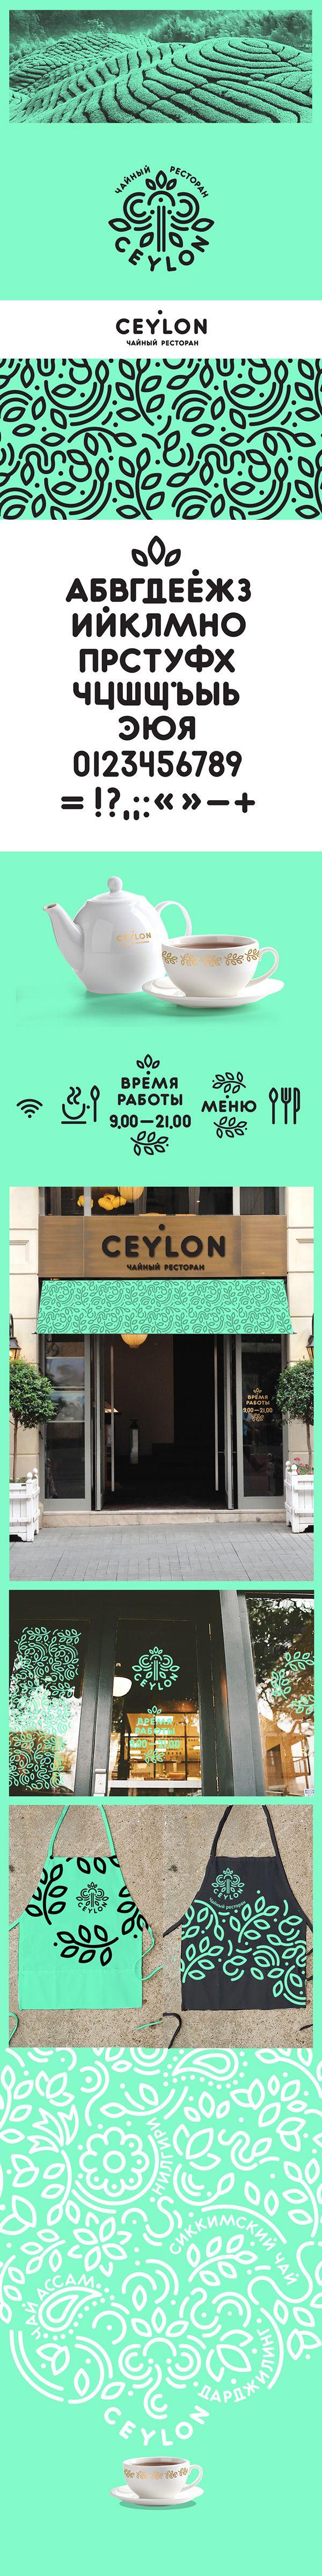 CEYLON tea restaurant by Rushavel Sultanov, via Behance